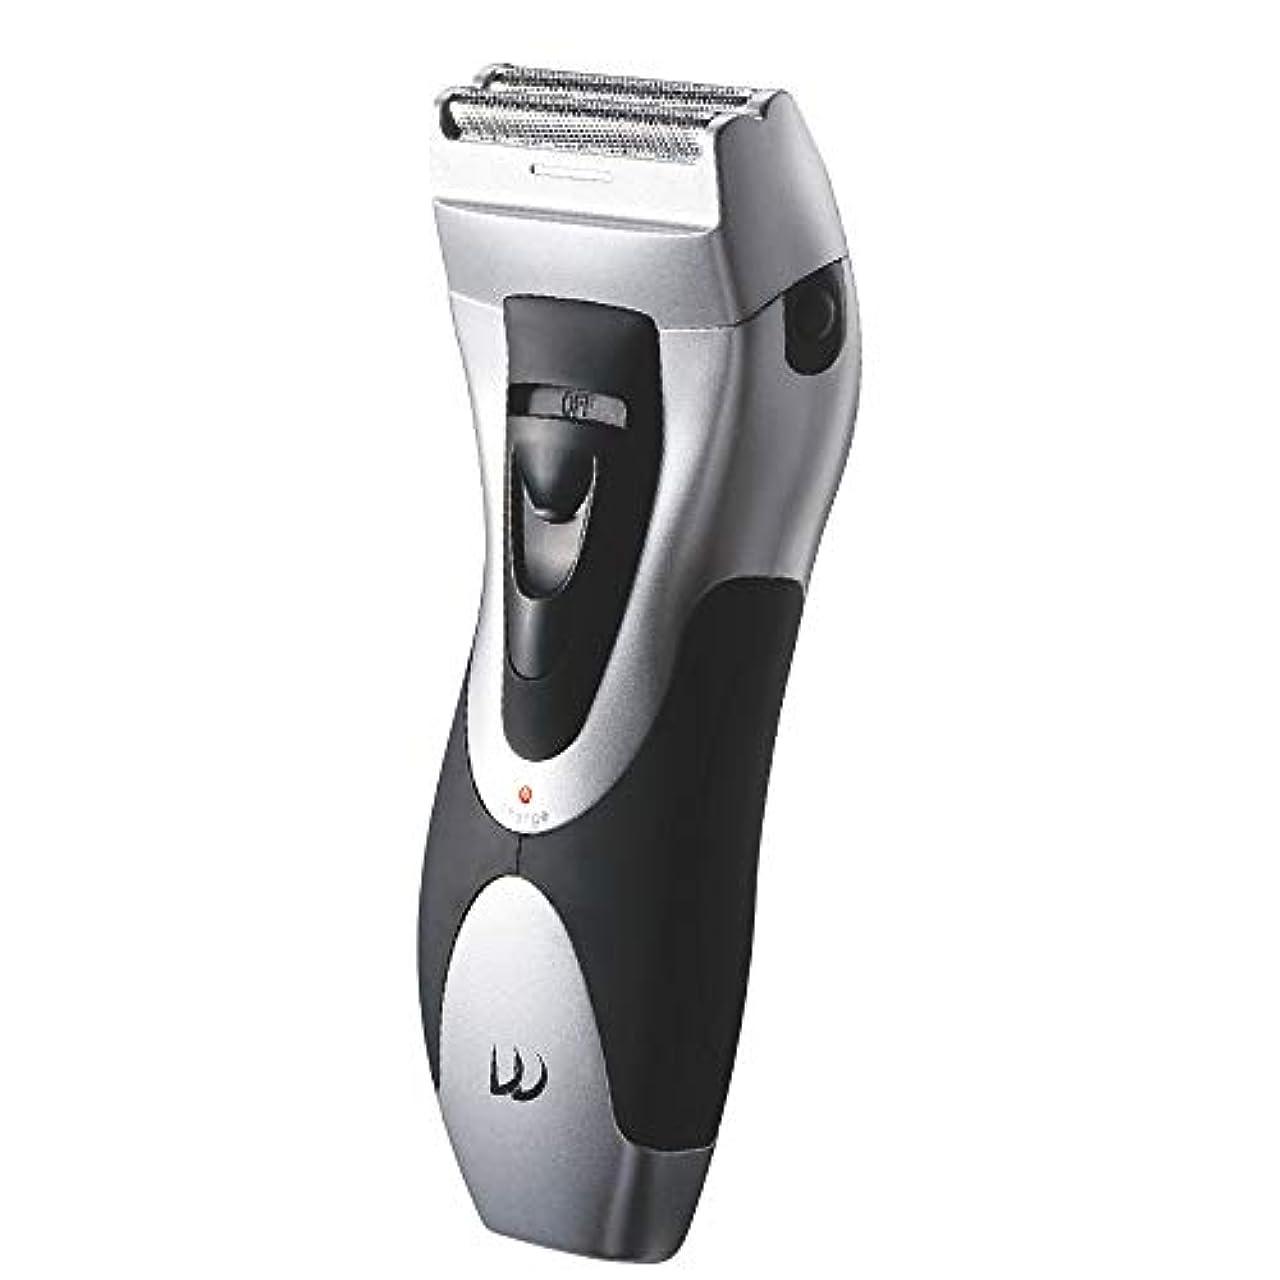 認識ボア雨充電式 Wシェーバー 水洗いOK! 肌に優しい二枚刃 髭剃り ヒゲ剃り お風呂メンズ